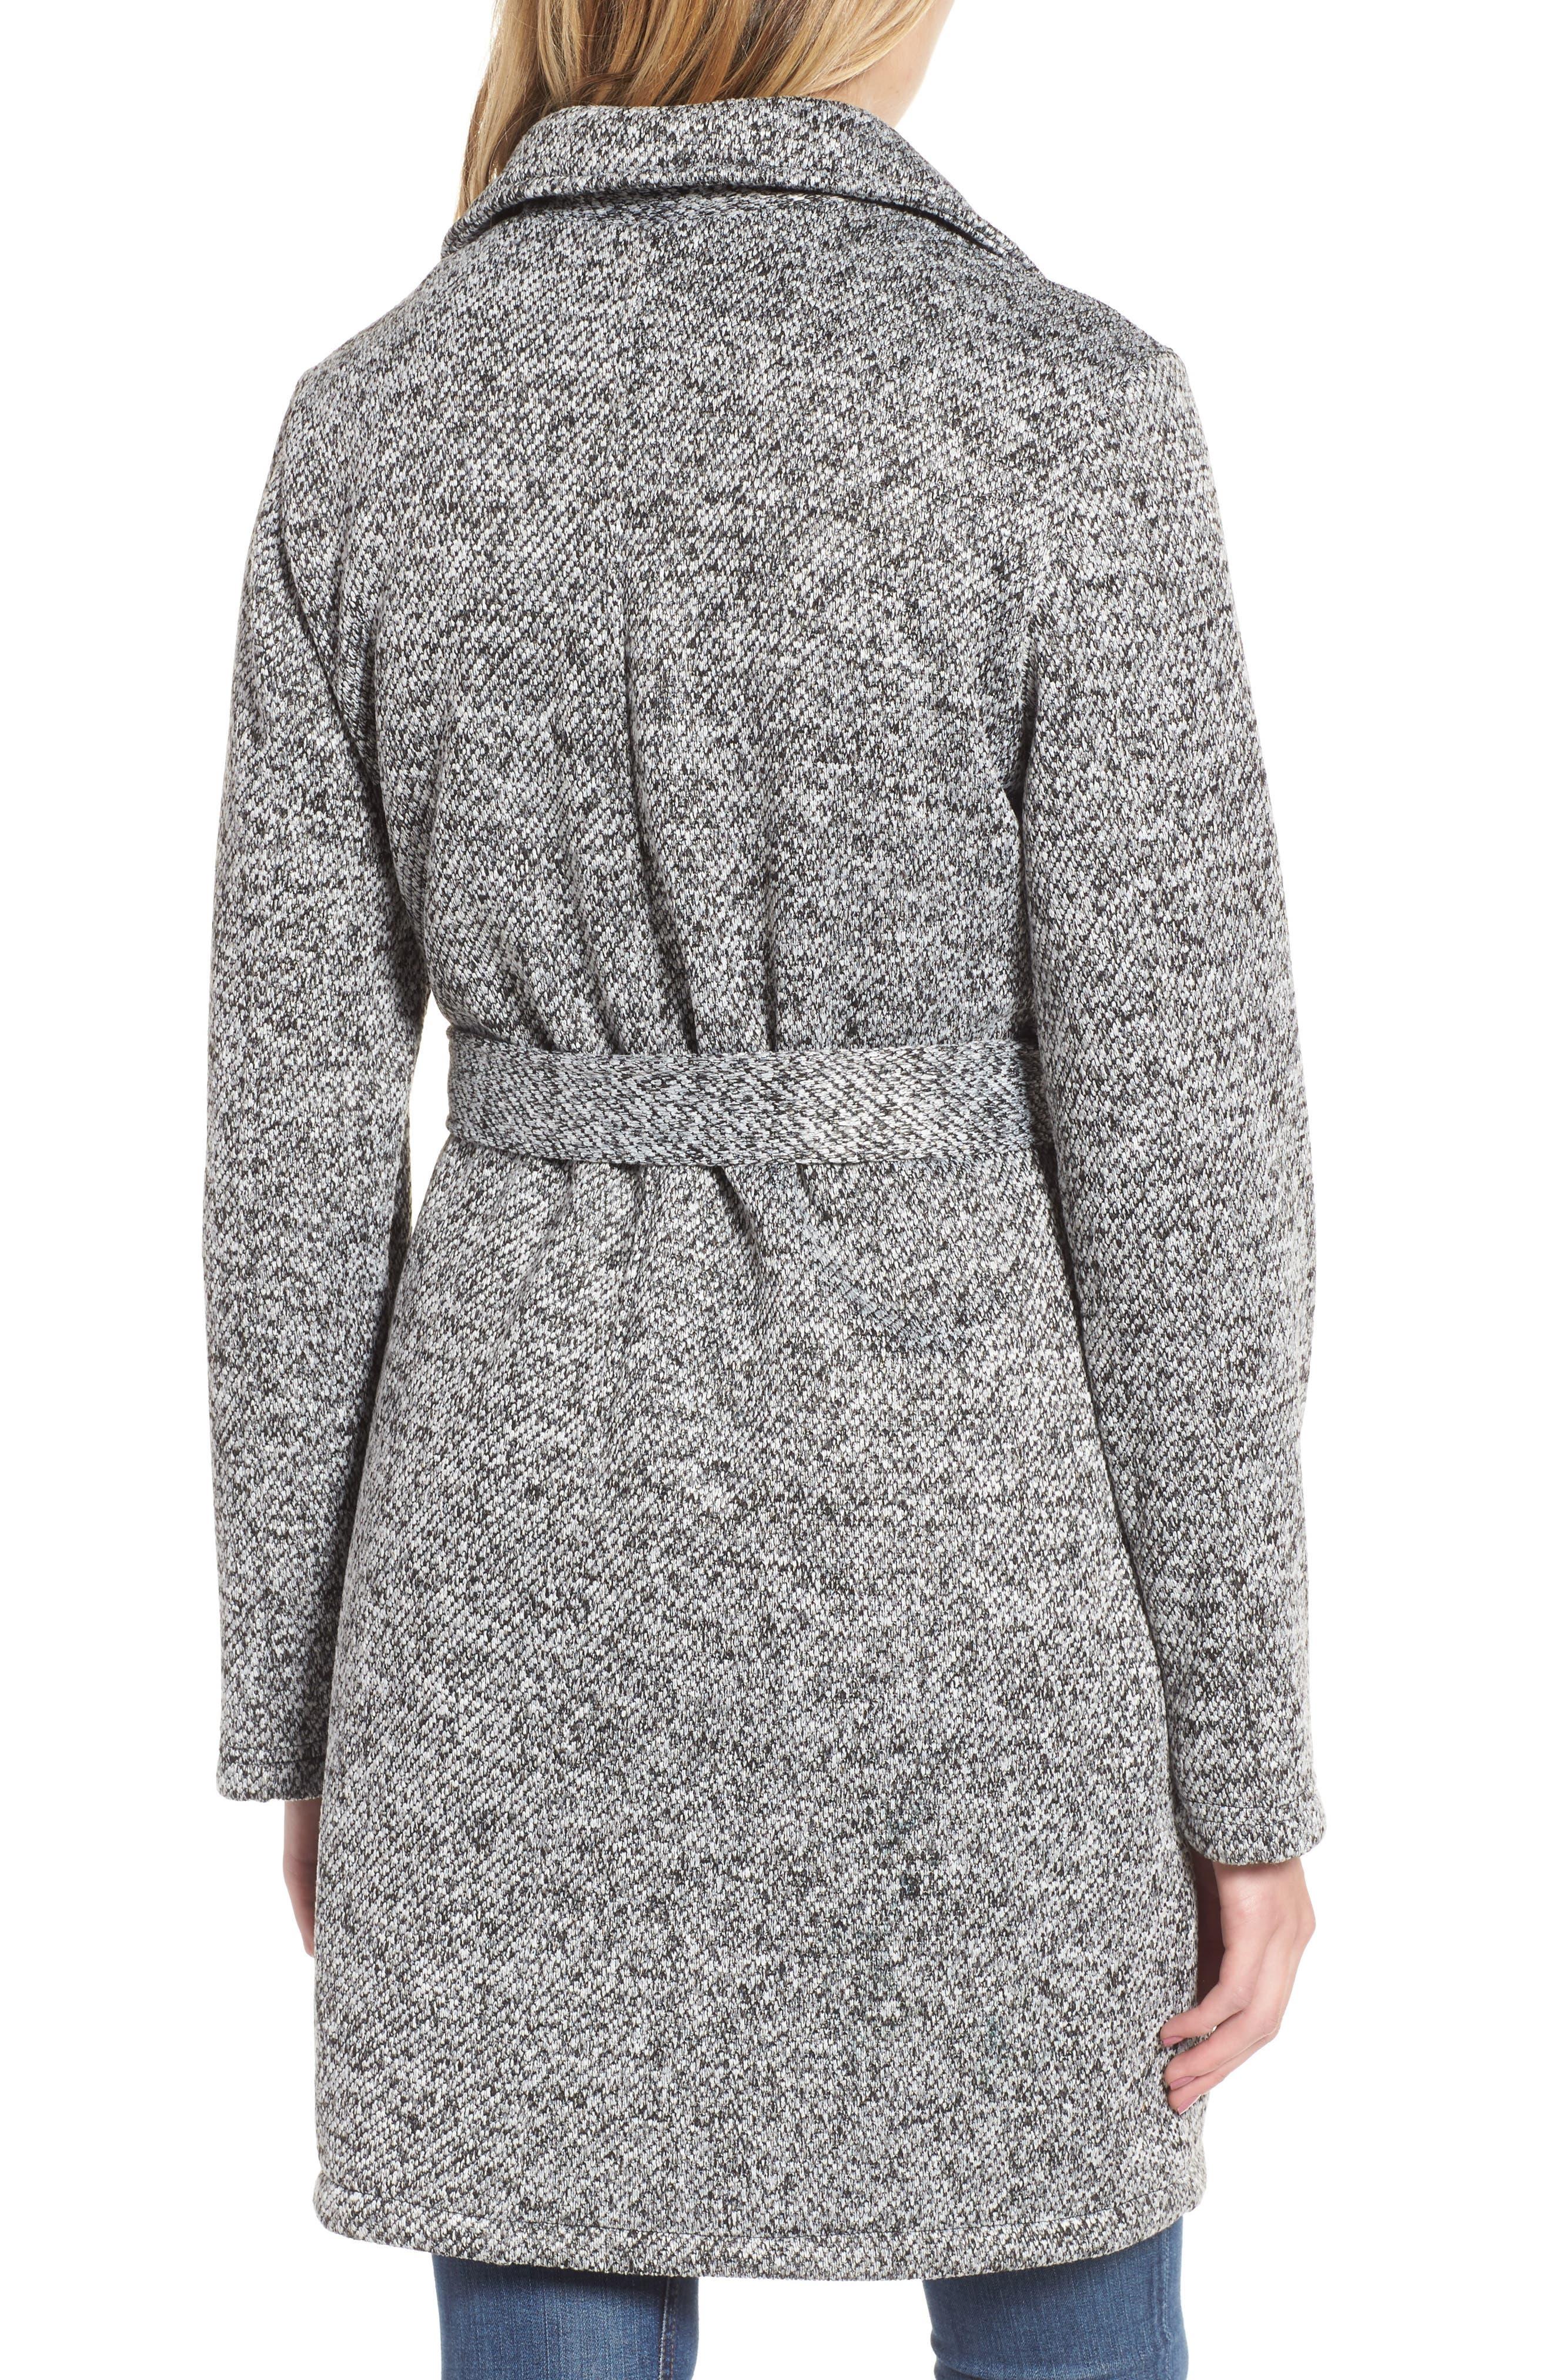 Belted Fleece Jacket,                             Alternate thumbnail 4, color,